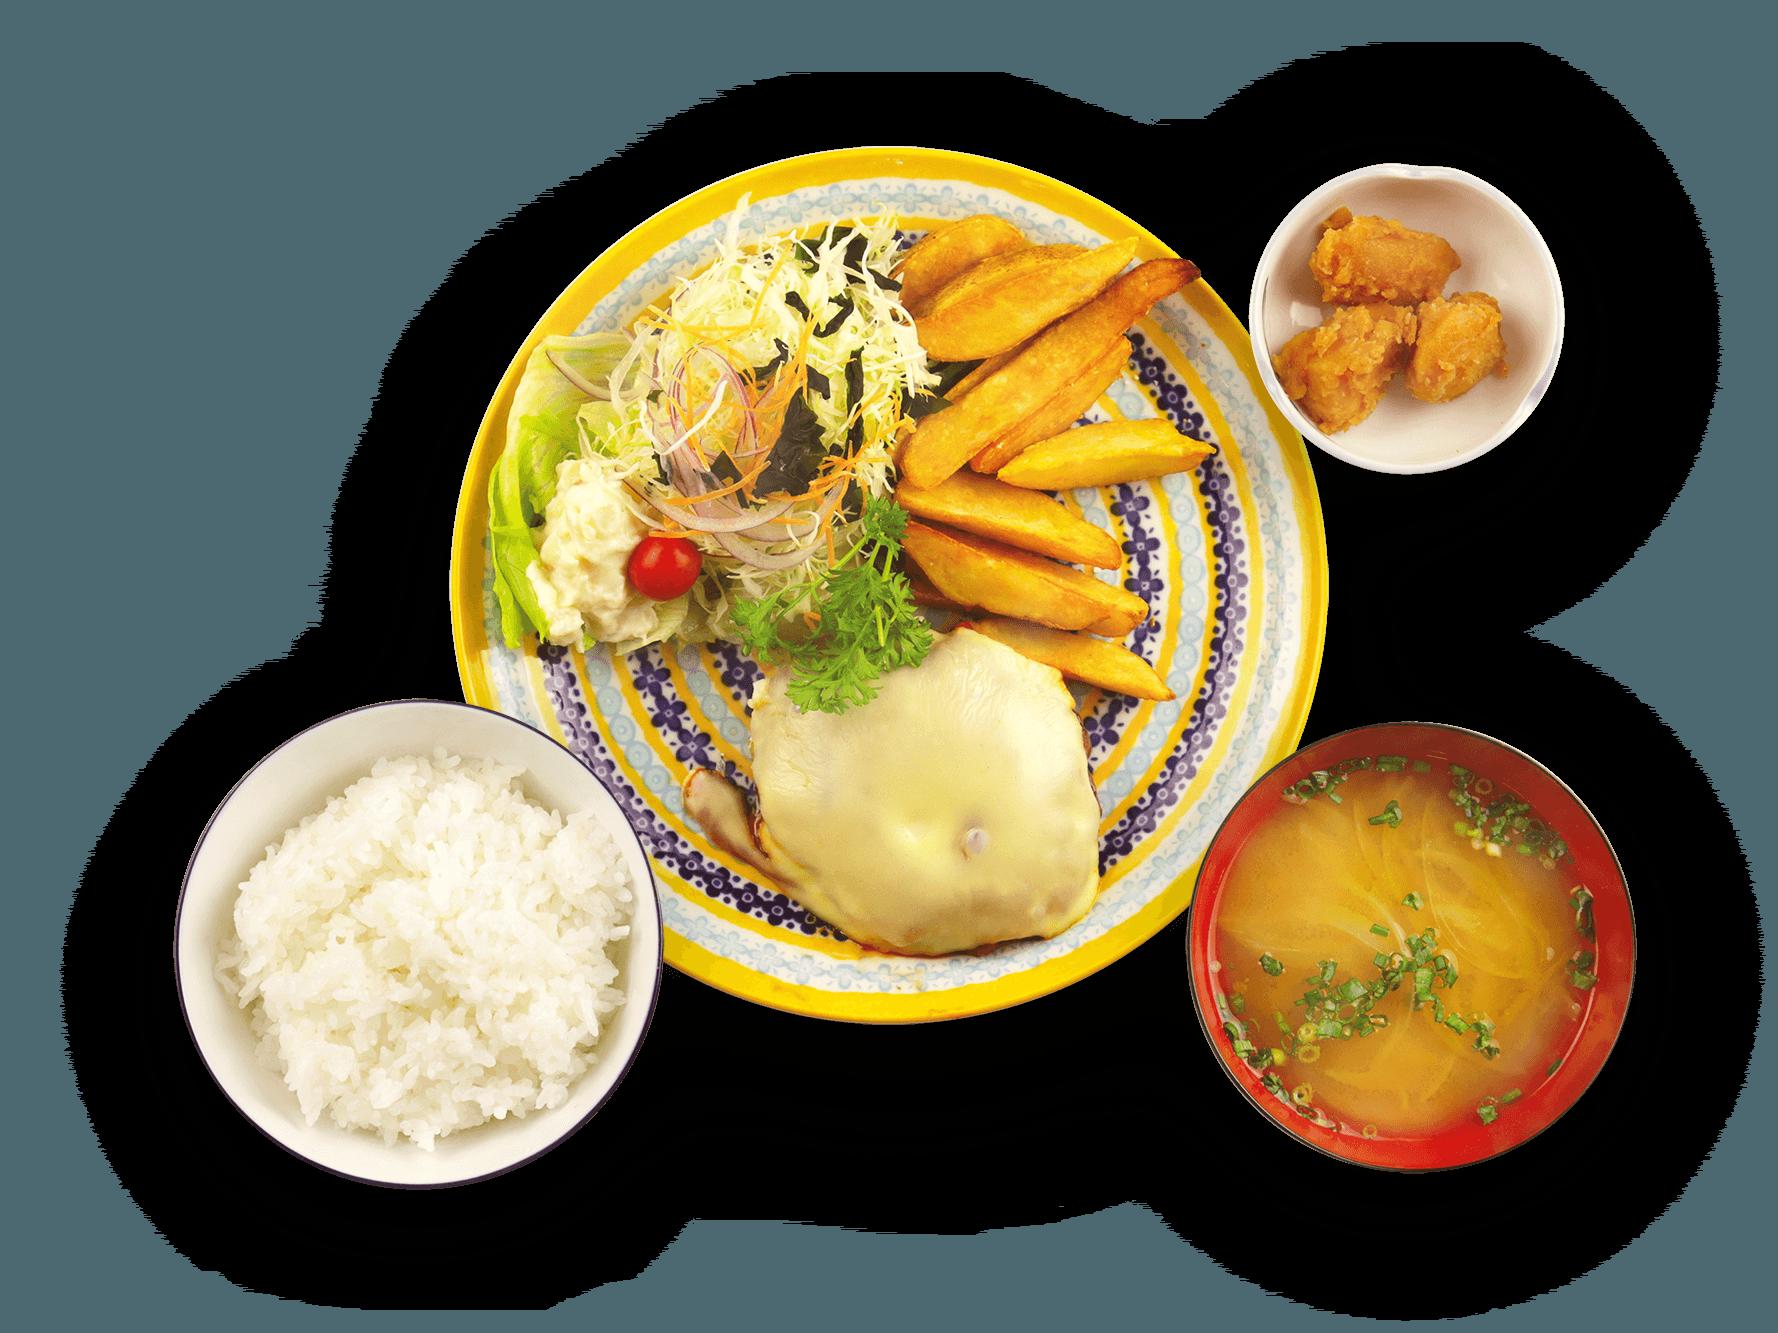 チーズハンバーグとフライドポテト定食